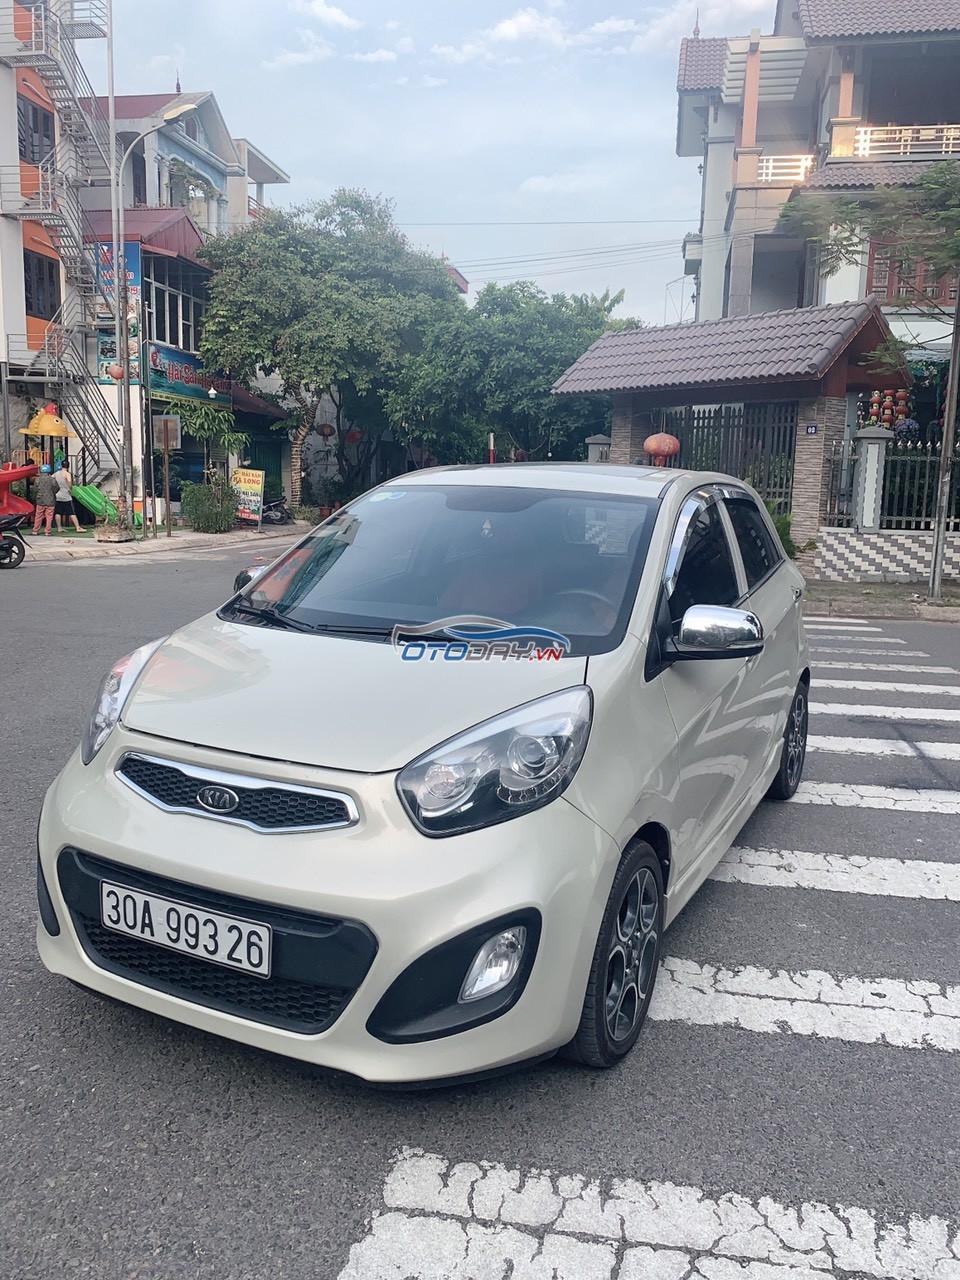 Cần bán nhanh Kia morning nhập khẩu nguyên chiếc Hàn Quốc